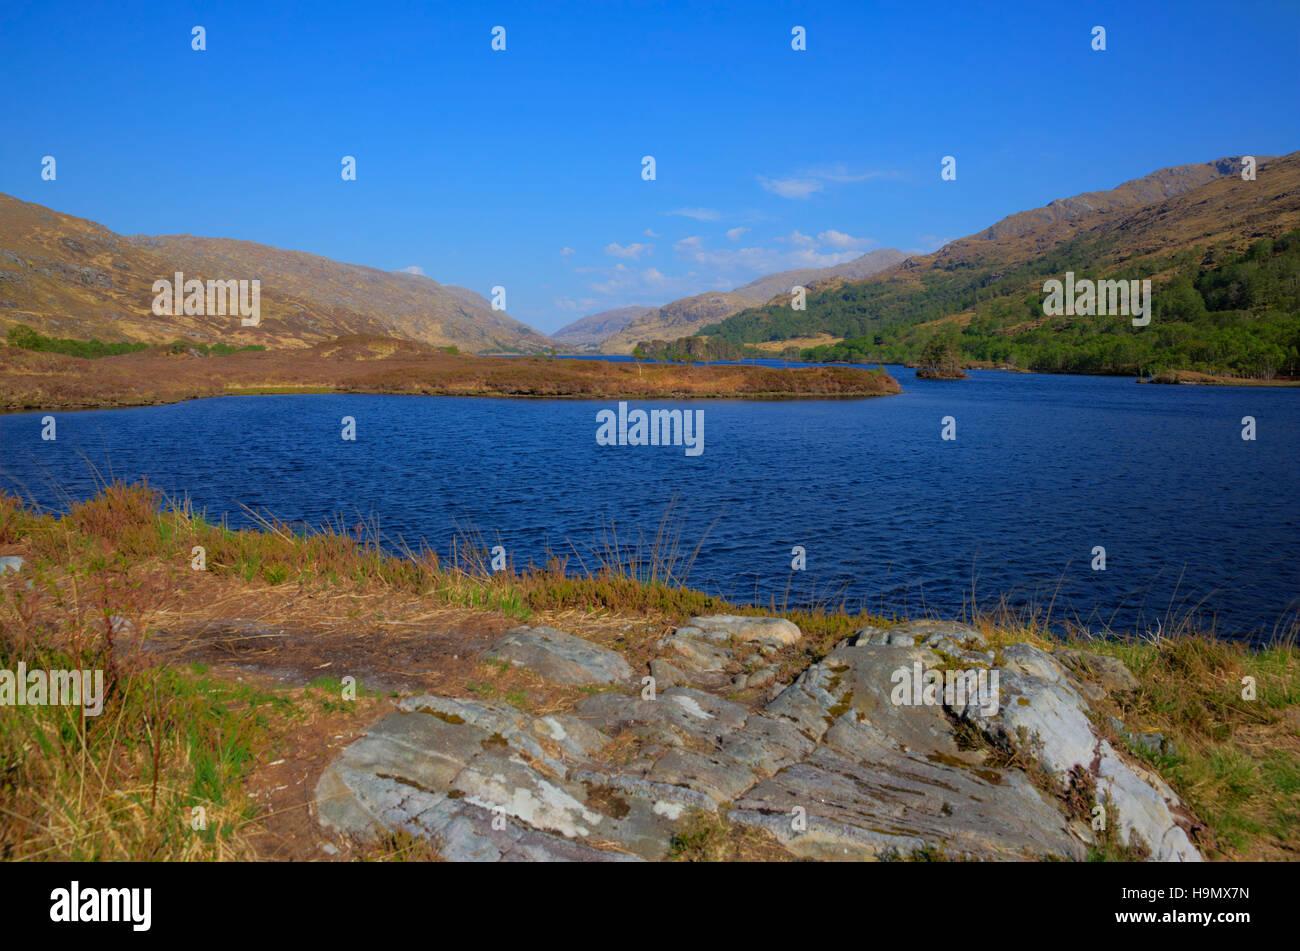 Loch Eilt Lochaber West Highlands of Scotland near Glenfinnan and Lochailort and west of Fort William - Stock Image